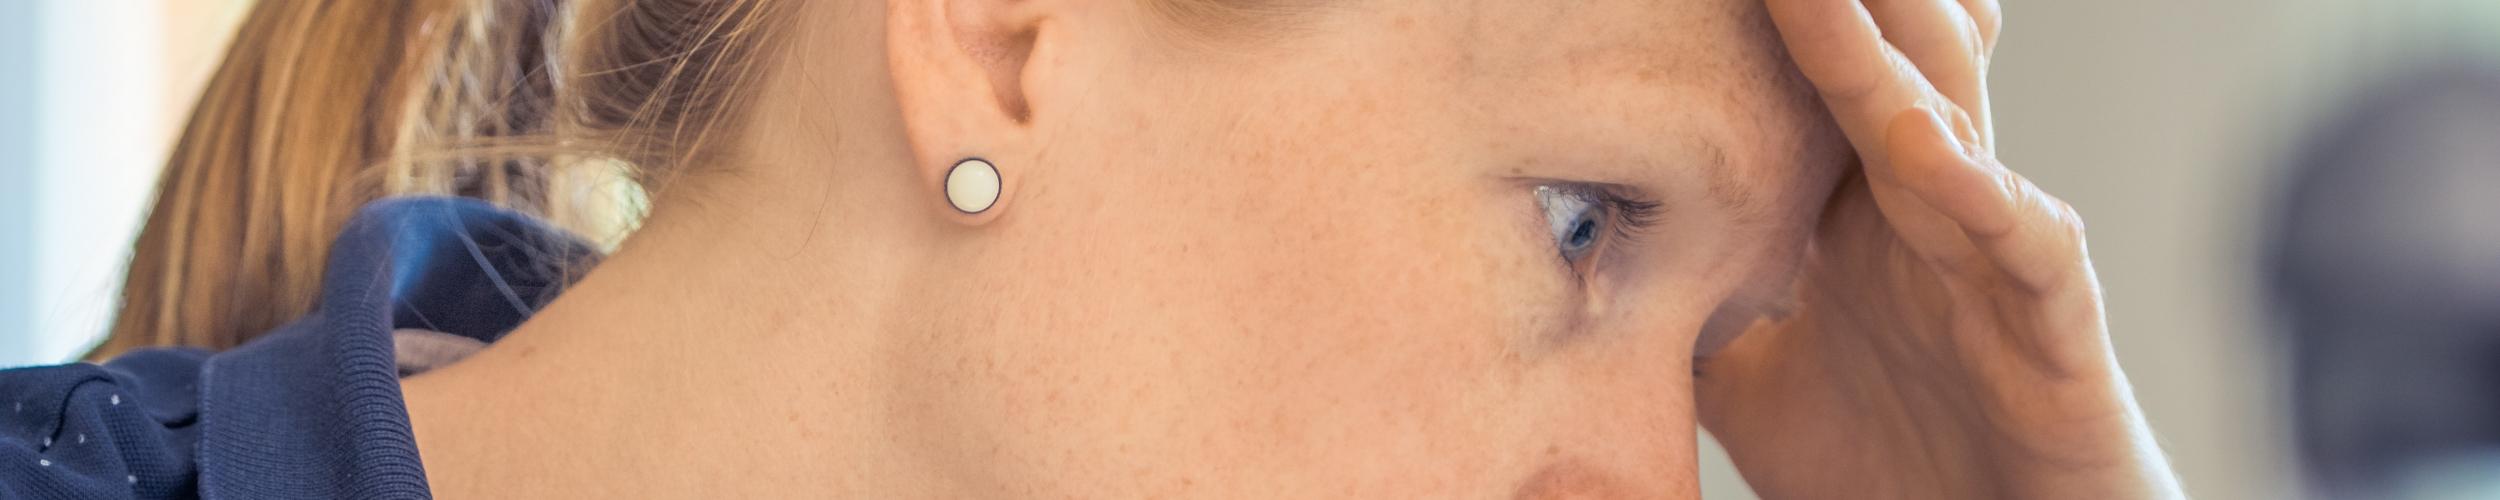 Primaire hoofdpijnsoorten migraine, spanningshoofdpijn